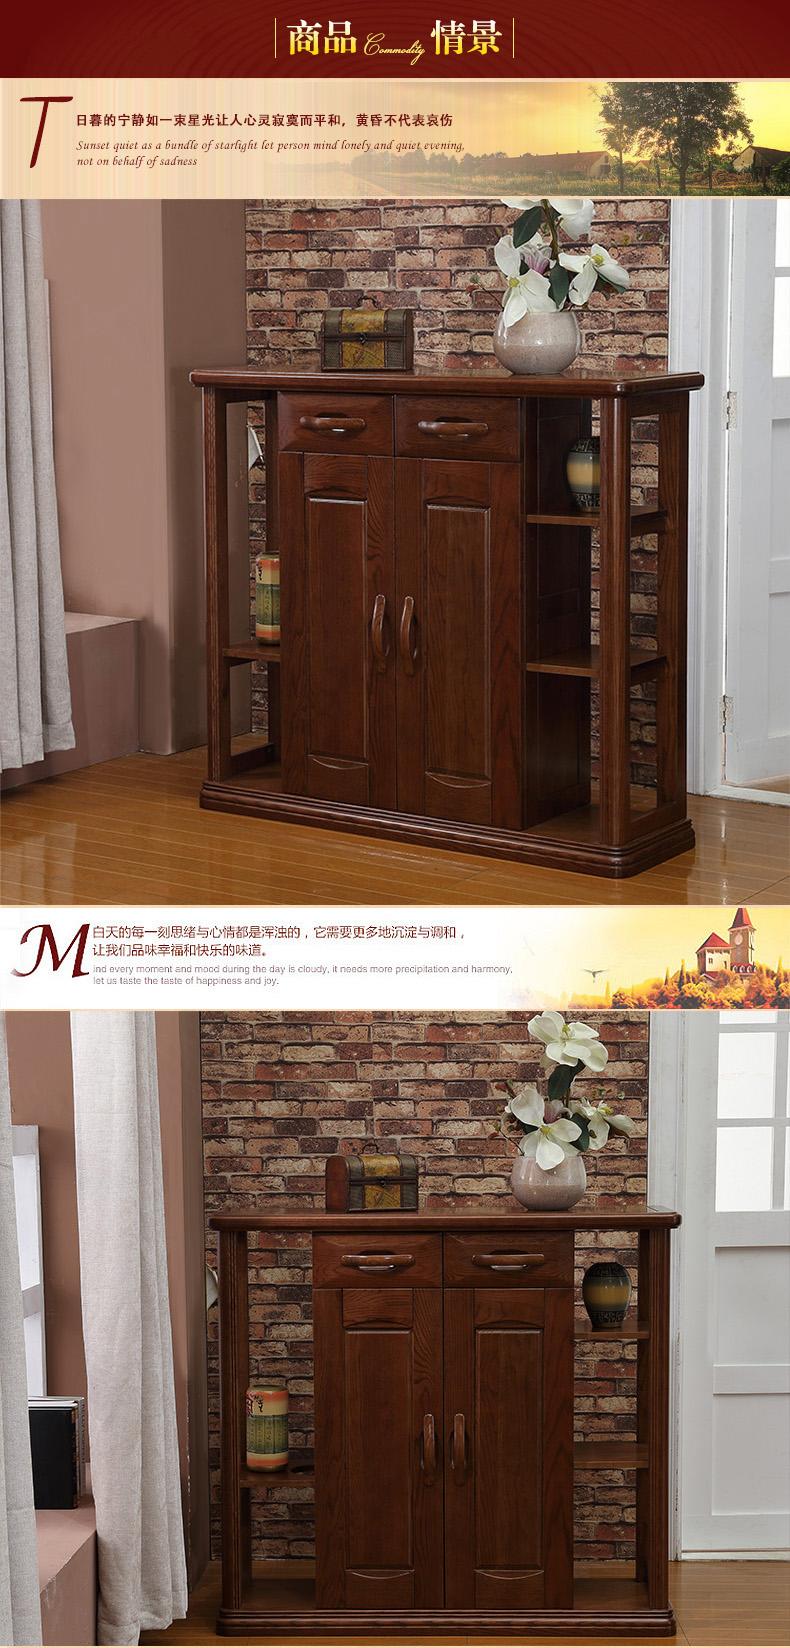 男人顾家 高档美国红橡木实木鞋柜 双门大空间 现代中式家具包安装 x